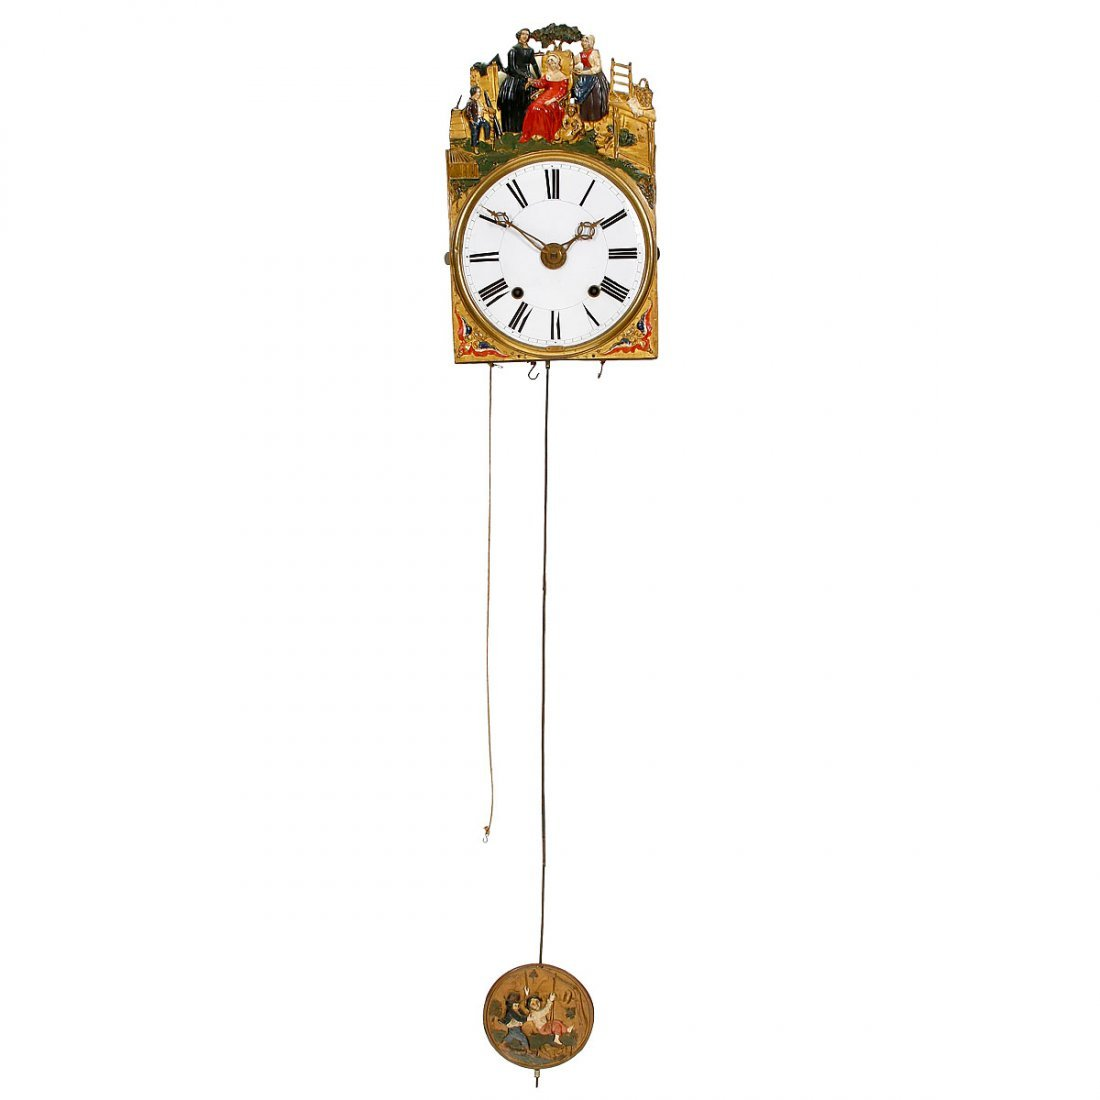 Comtoise with Alarm, c. 1850 - 2